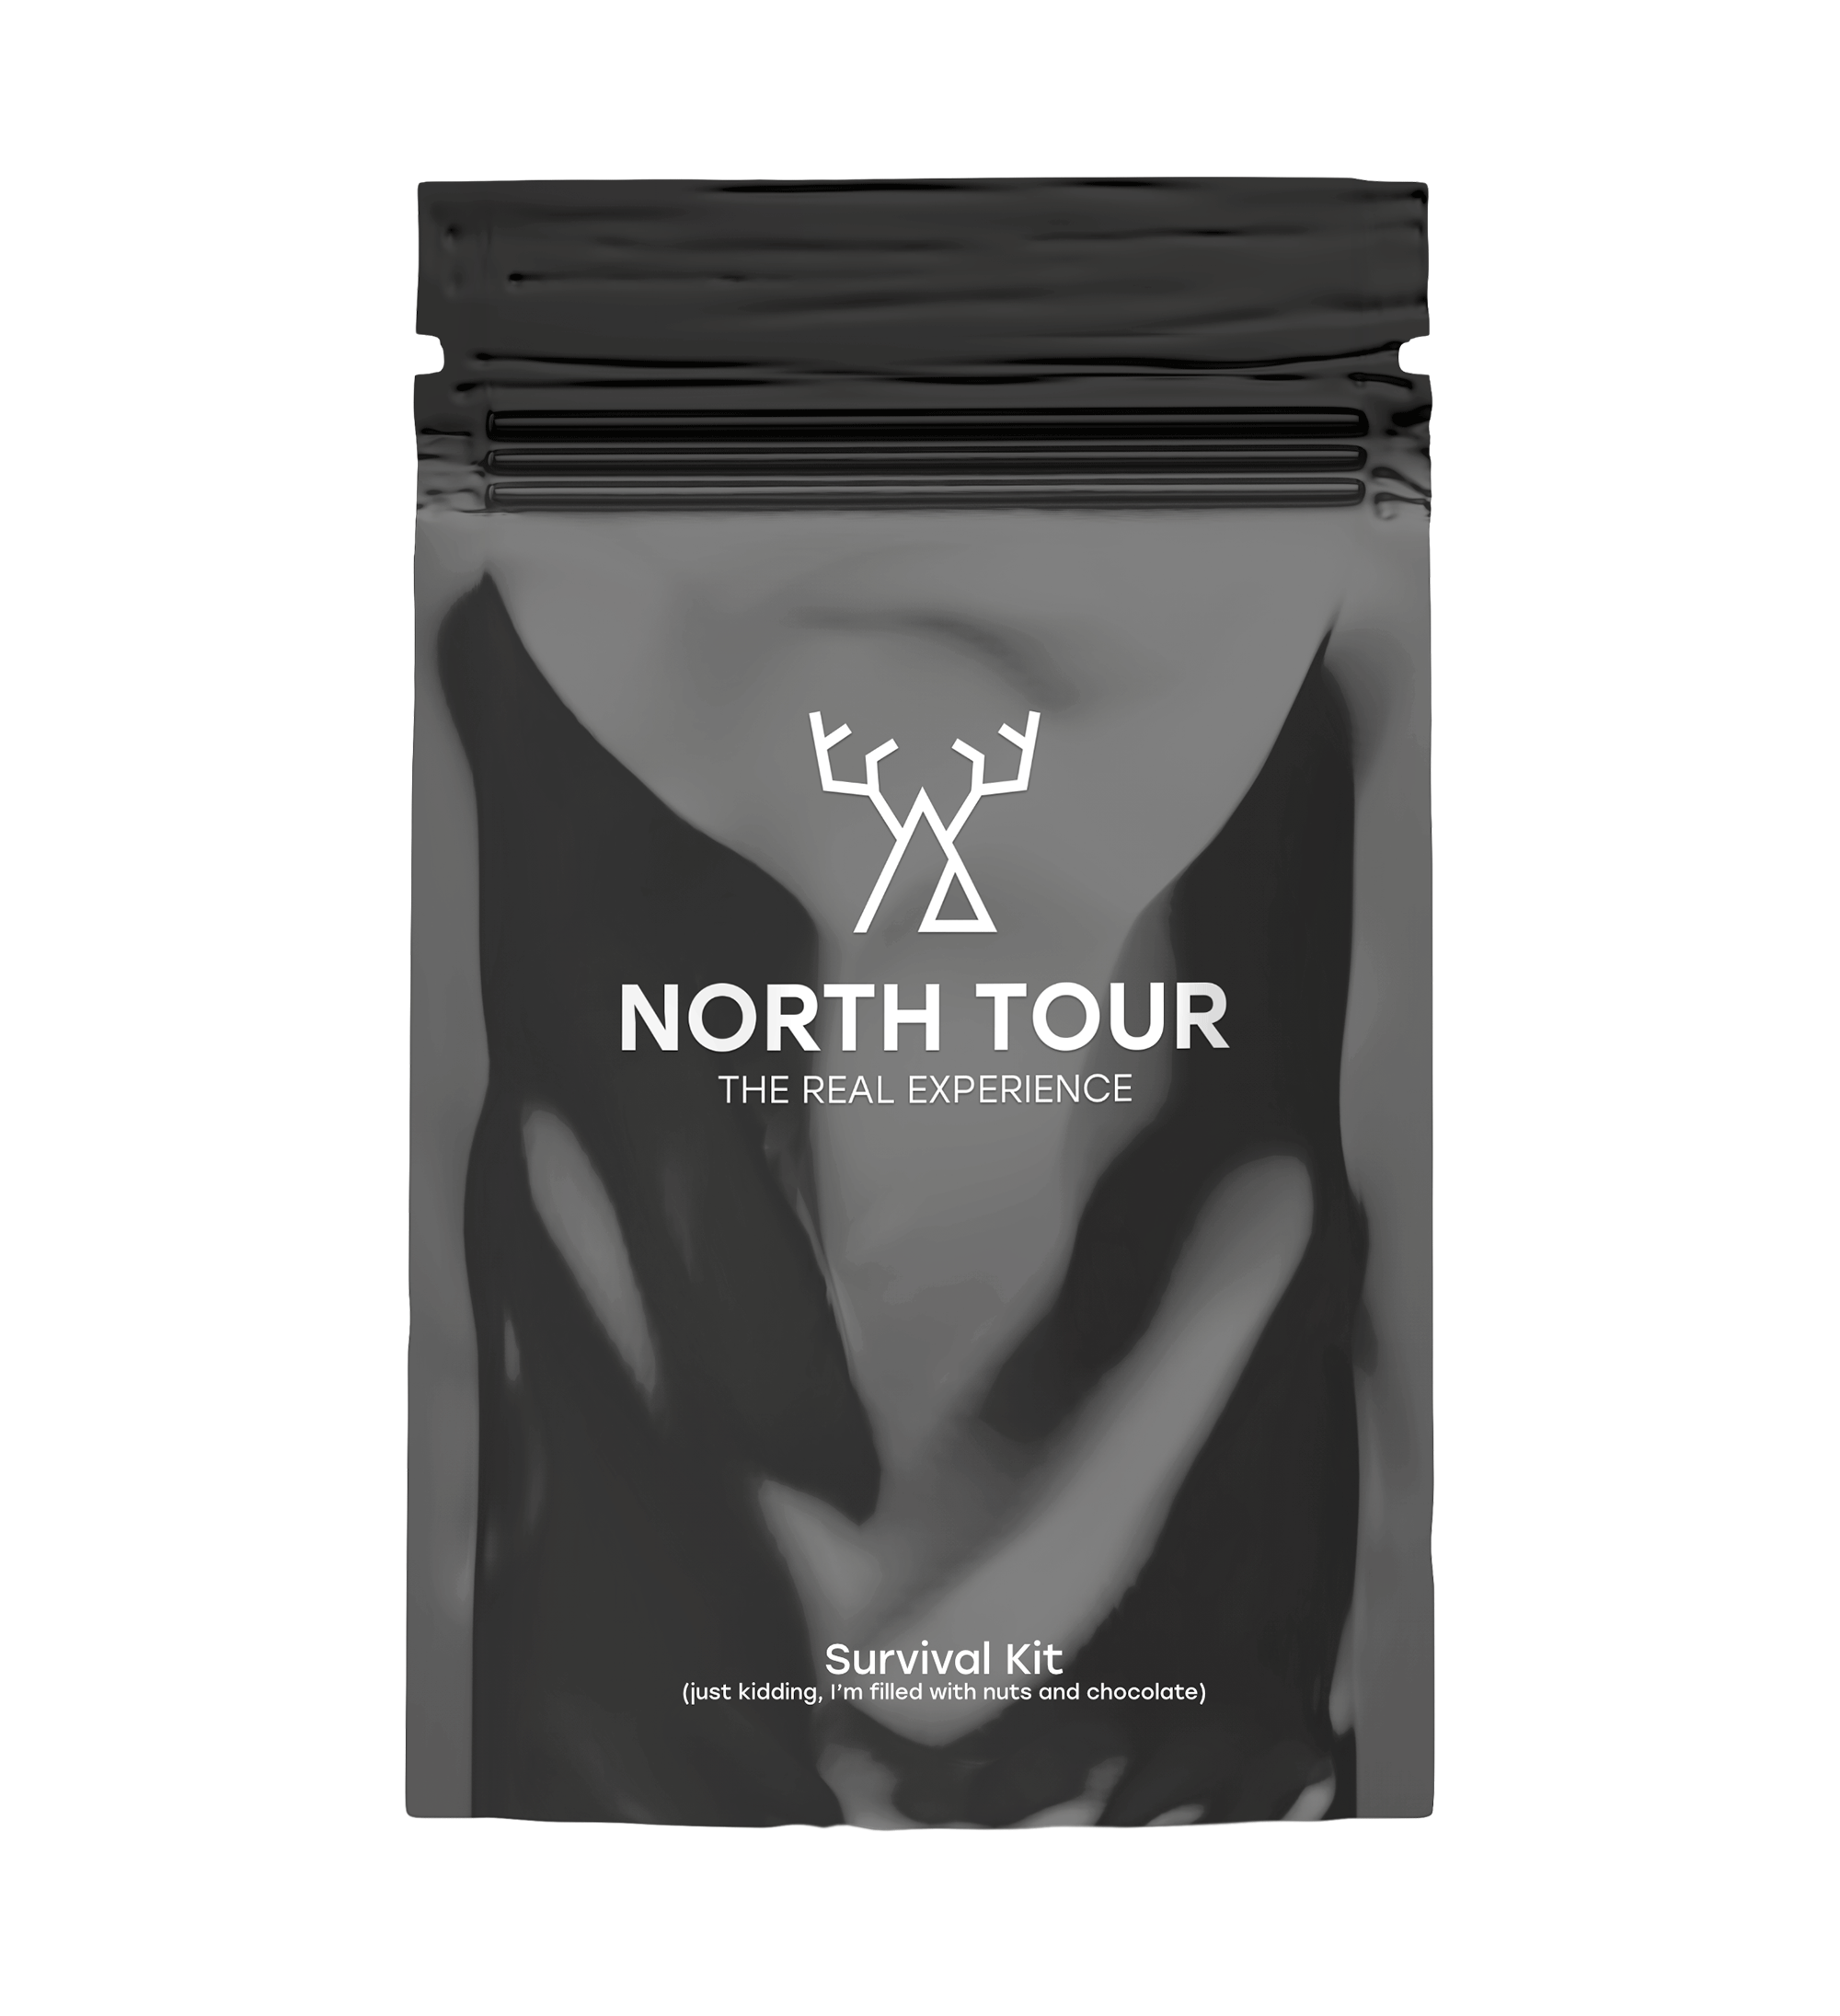 North Tour survival kit